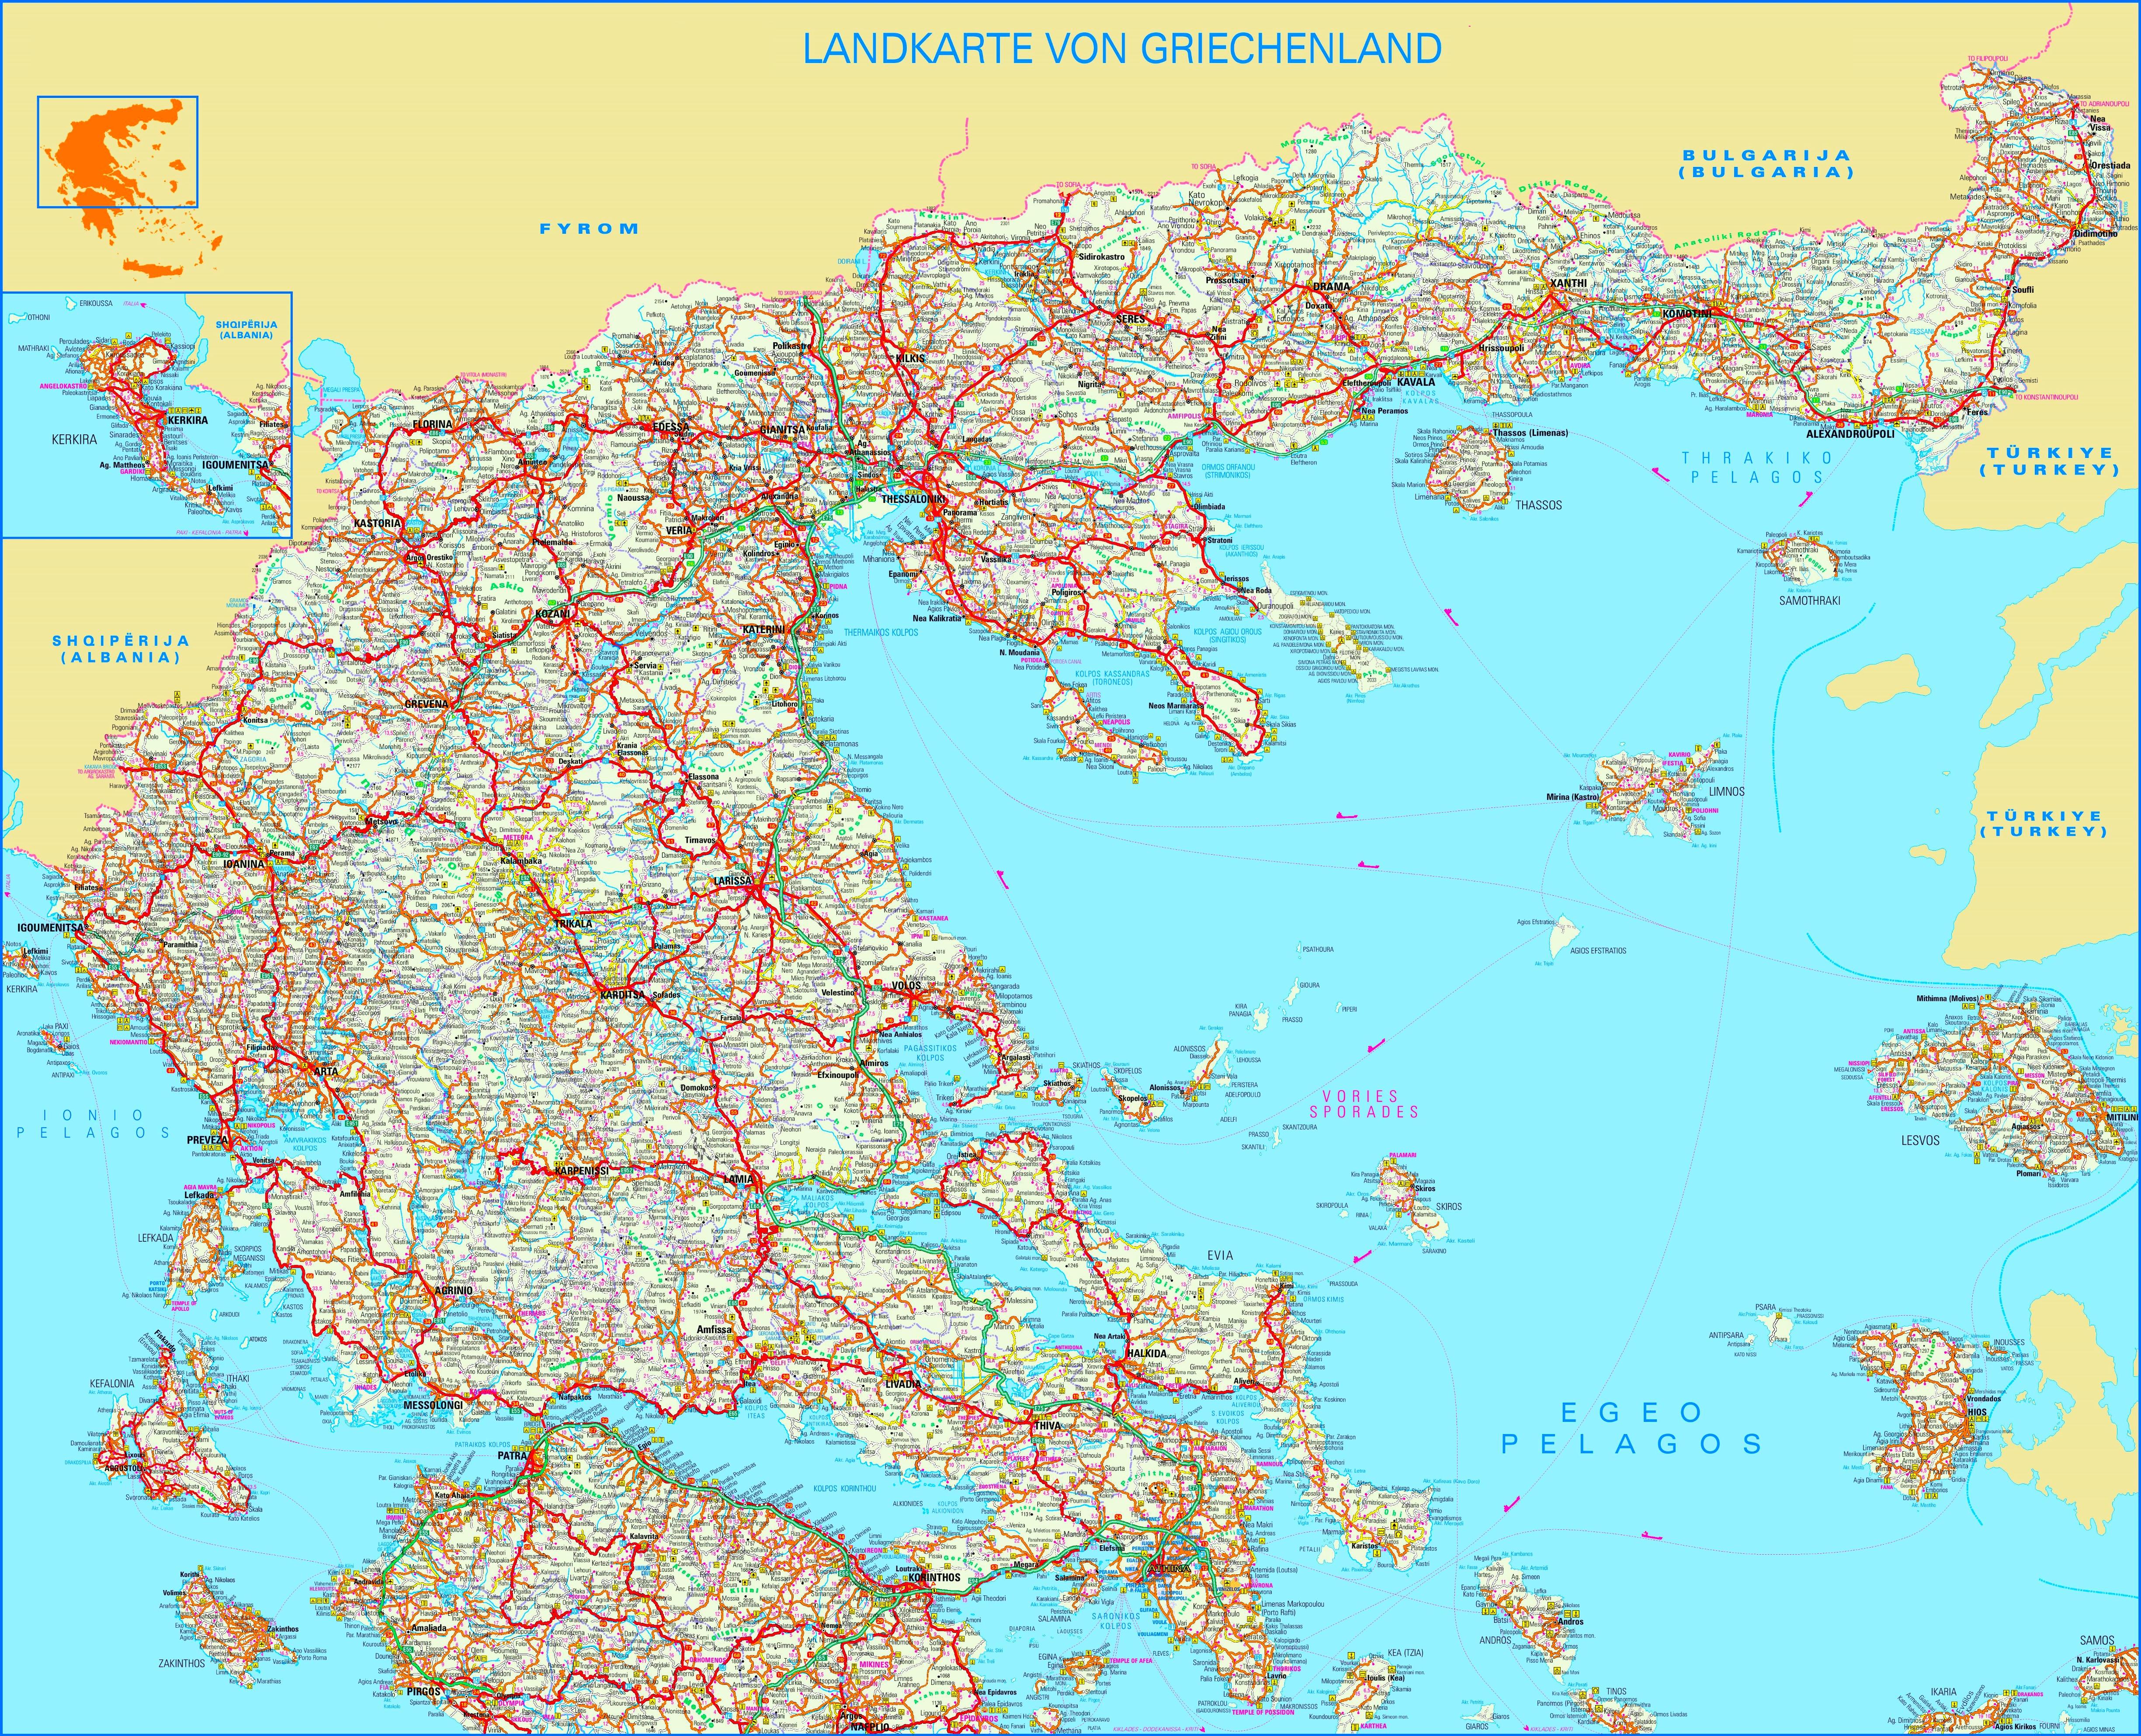 Karte Griechenland.Große Detaillierte Karte Von Griechenland